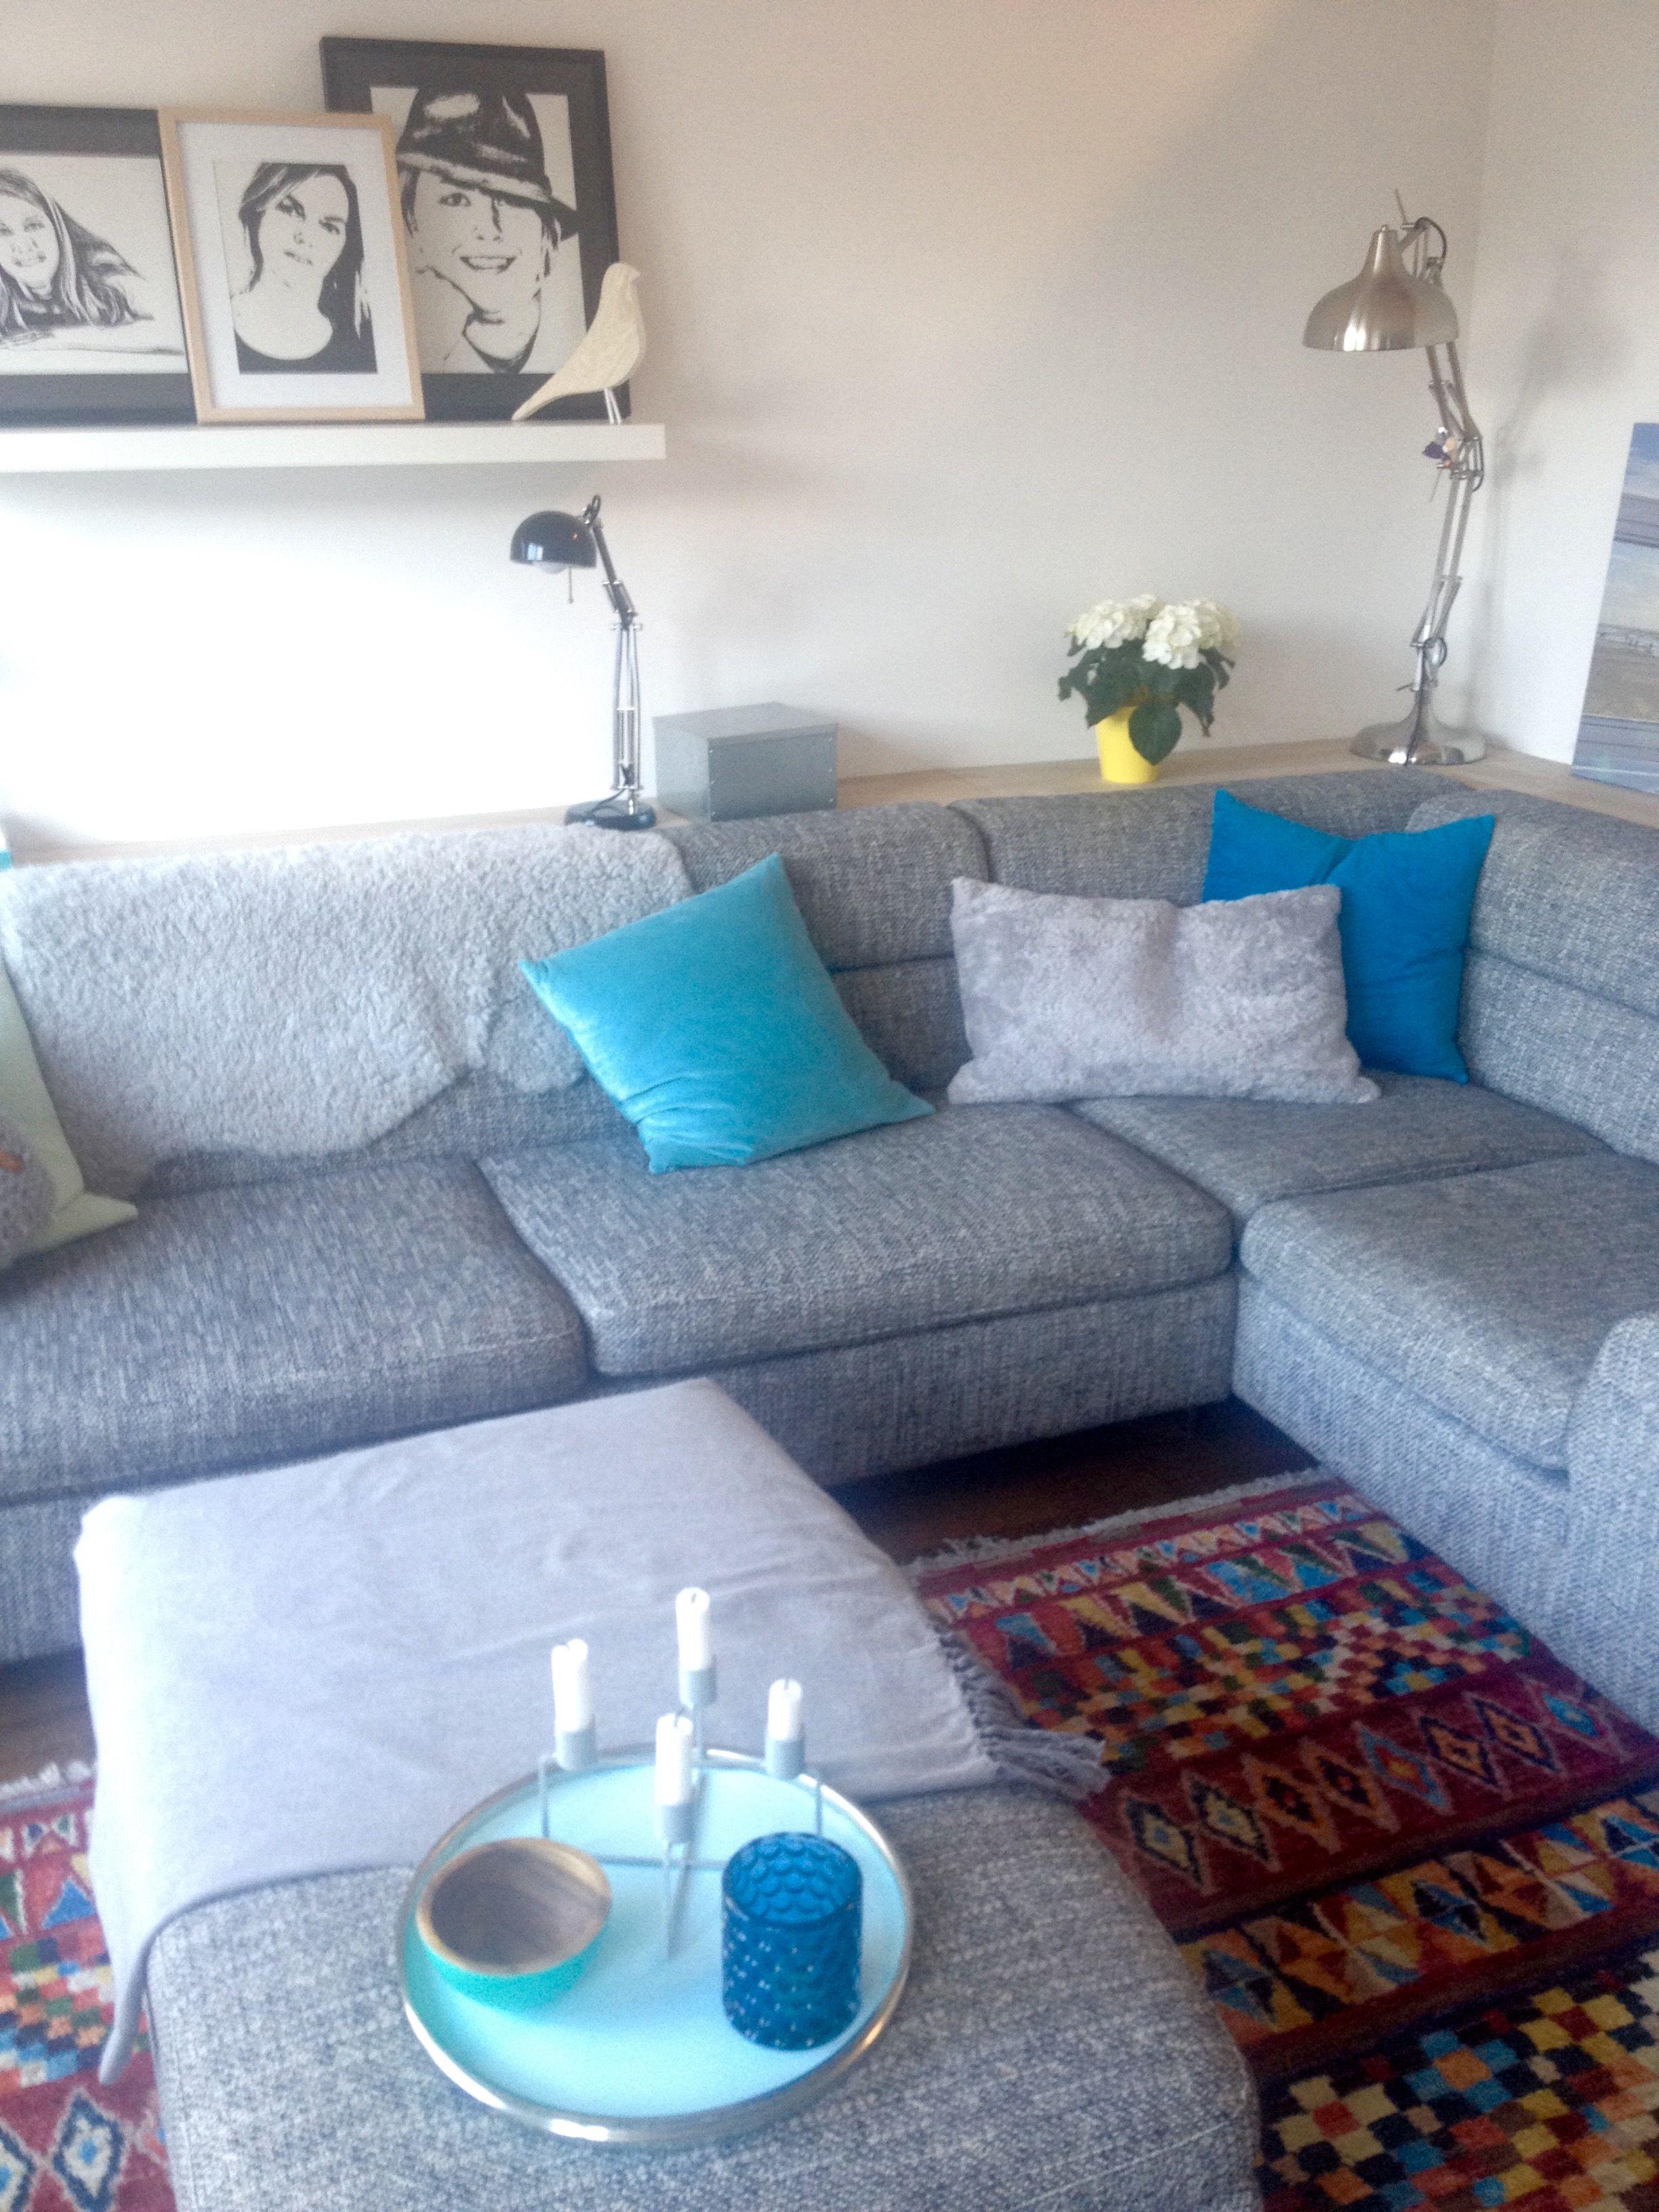 Ikea Blaue Kissen Grau Teppich Ethno Kare Lampe Sofaecke